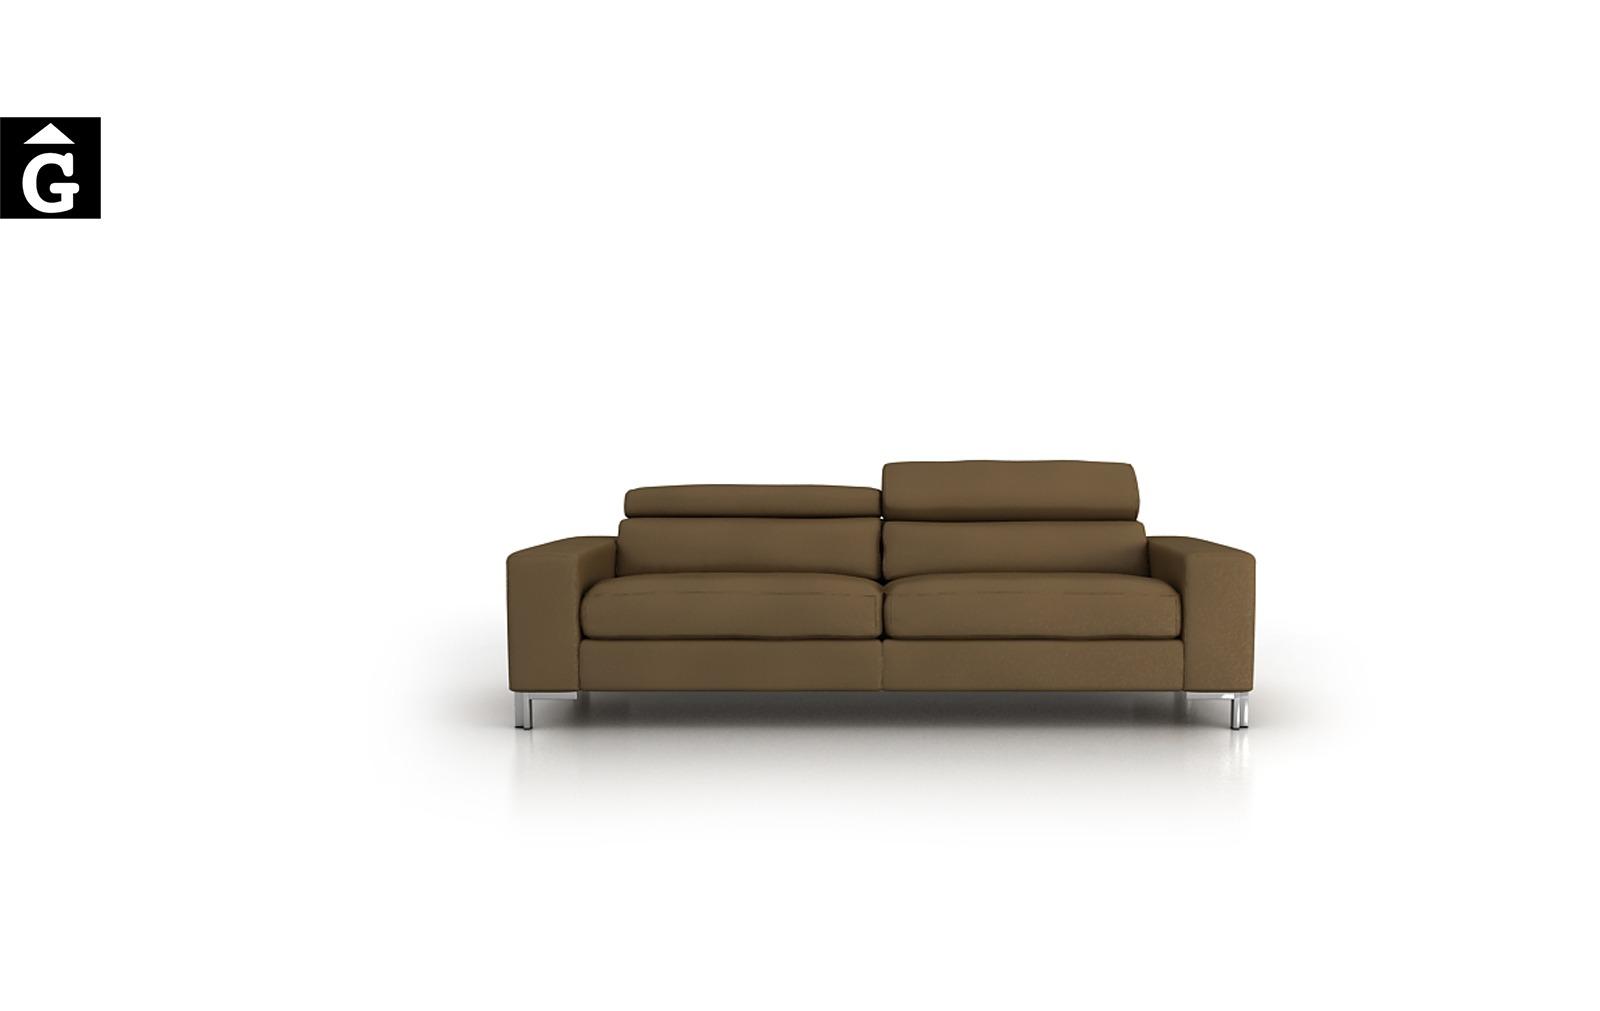 Suma sofà relax pota alta mecanisme relax motor Tapizados Moradillo per mobles Gifreu tapisseria de qualitat sofas relax llits puff pouf chaixelongues butaques sillons